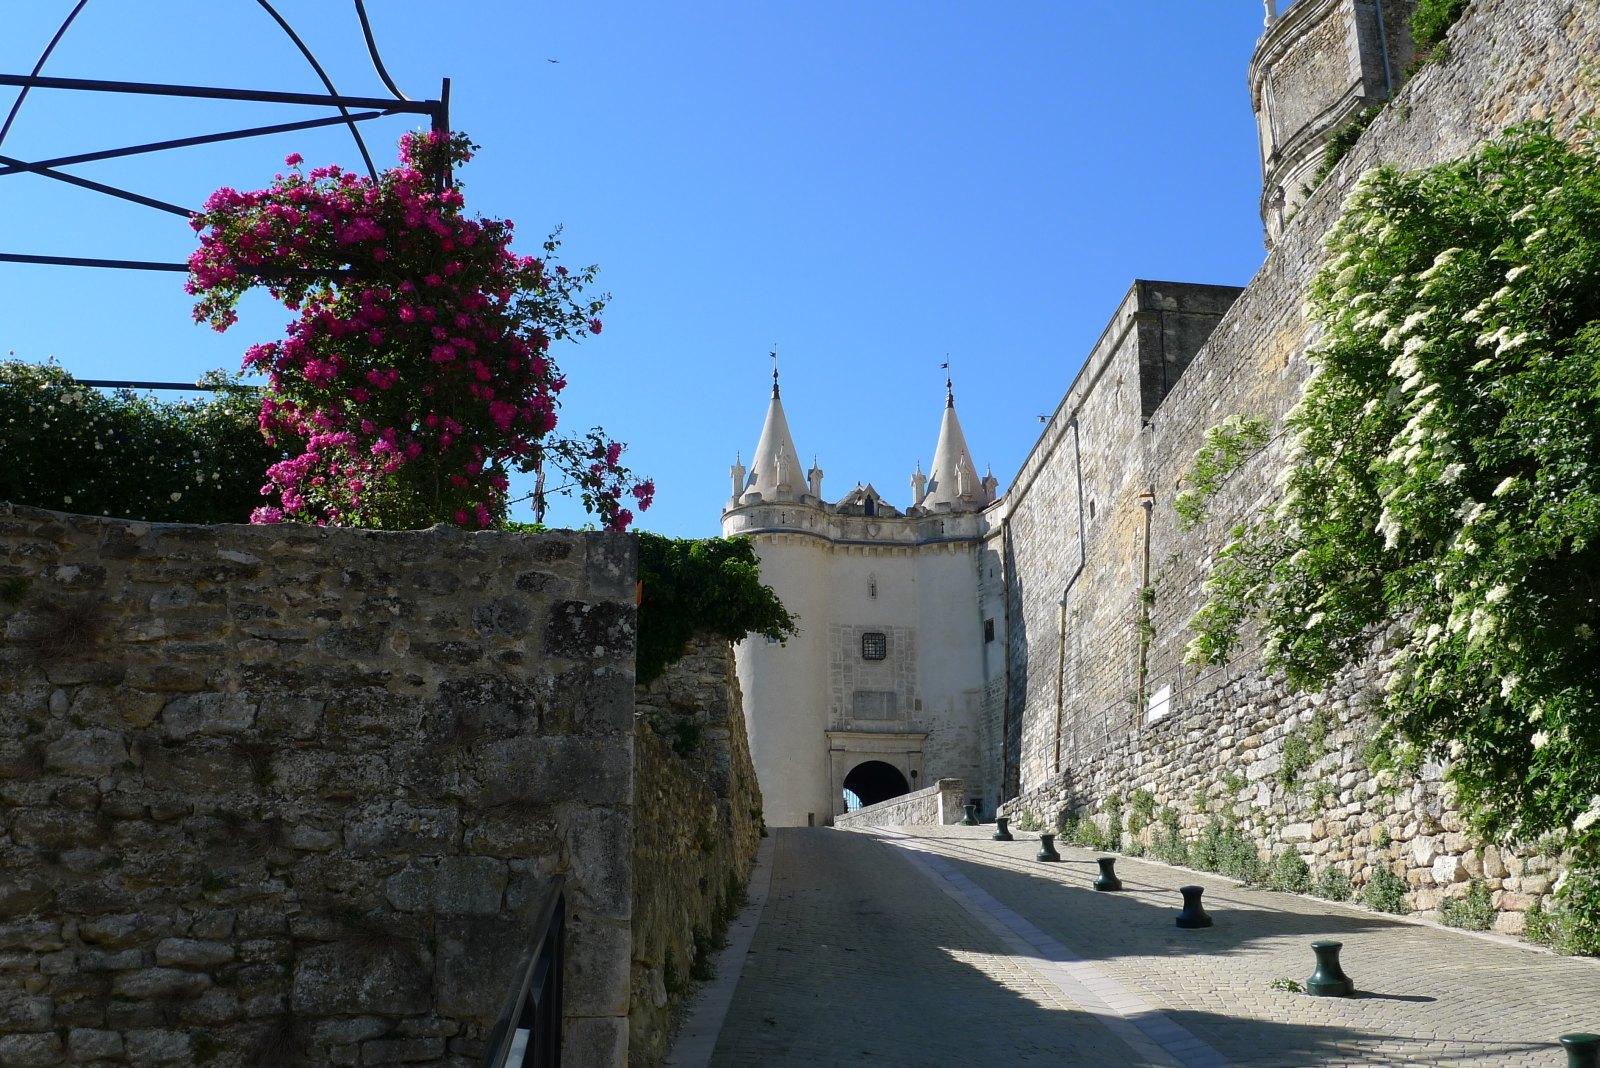 Chateau de Grignan